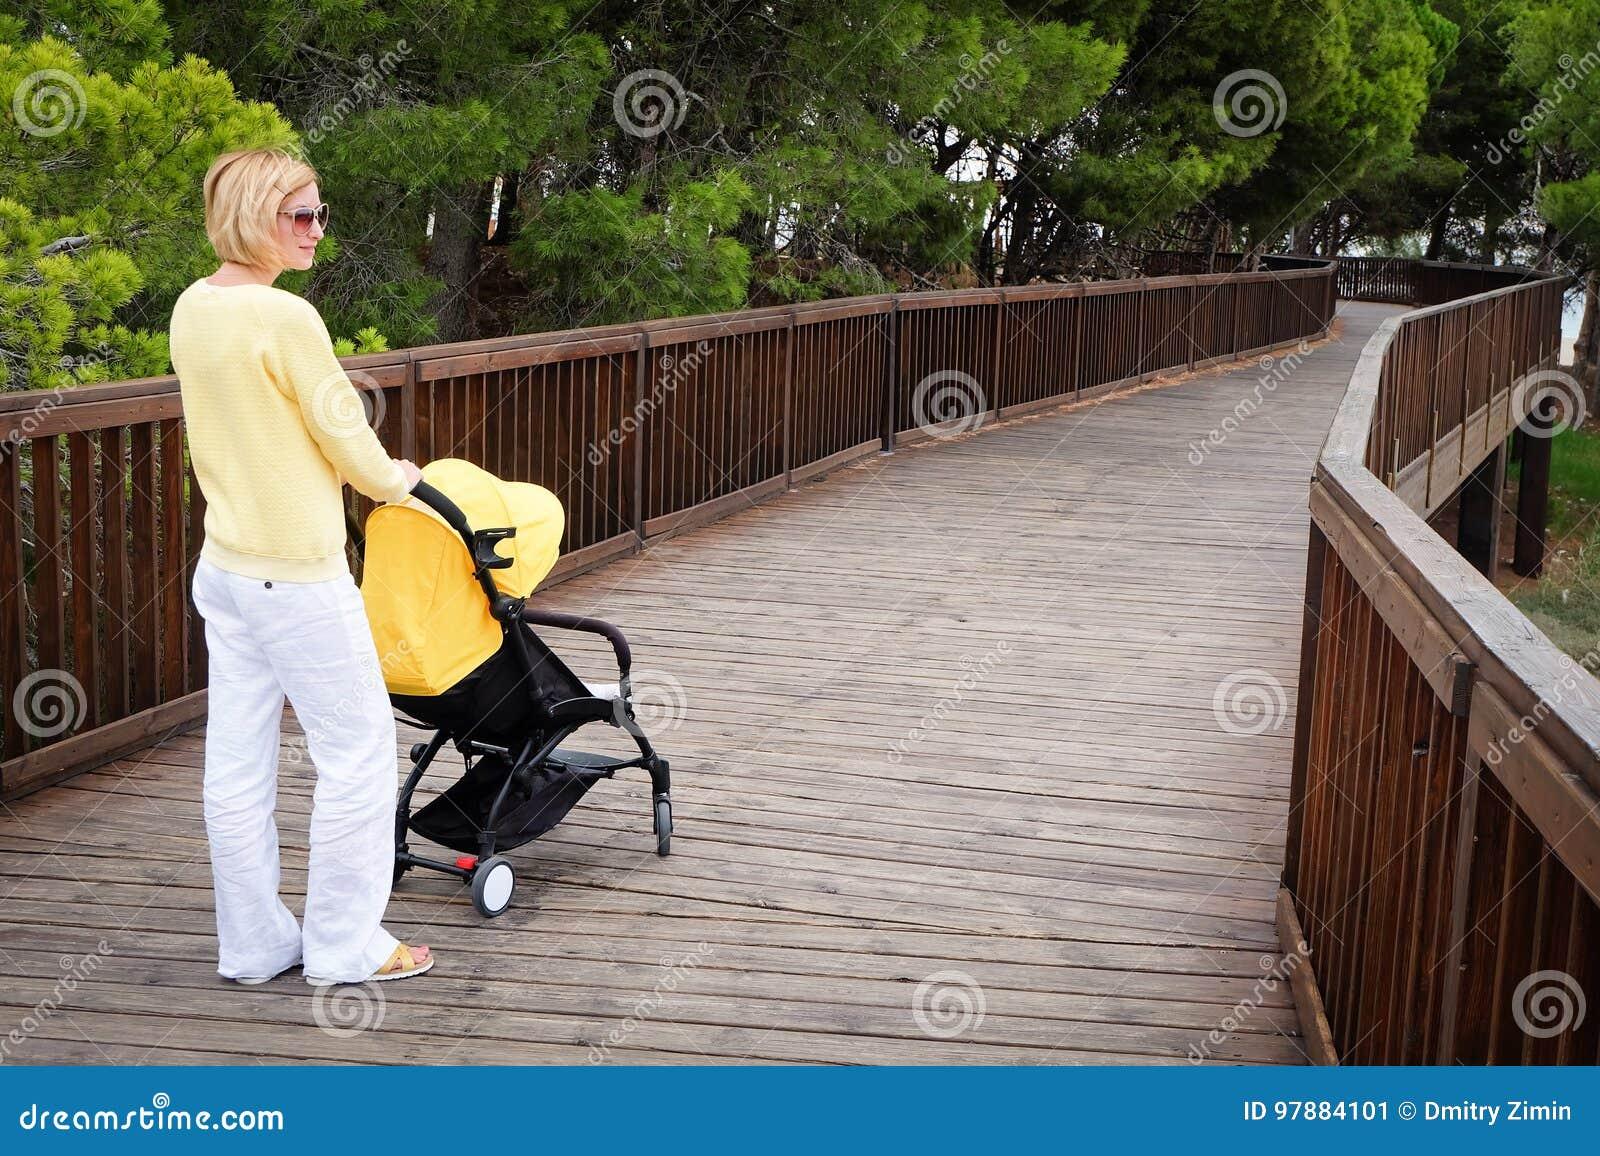 有婴儿推车的年轻母亲在公园